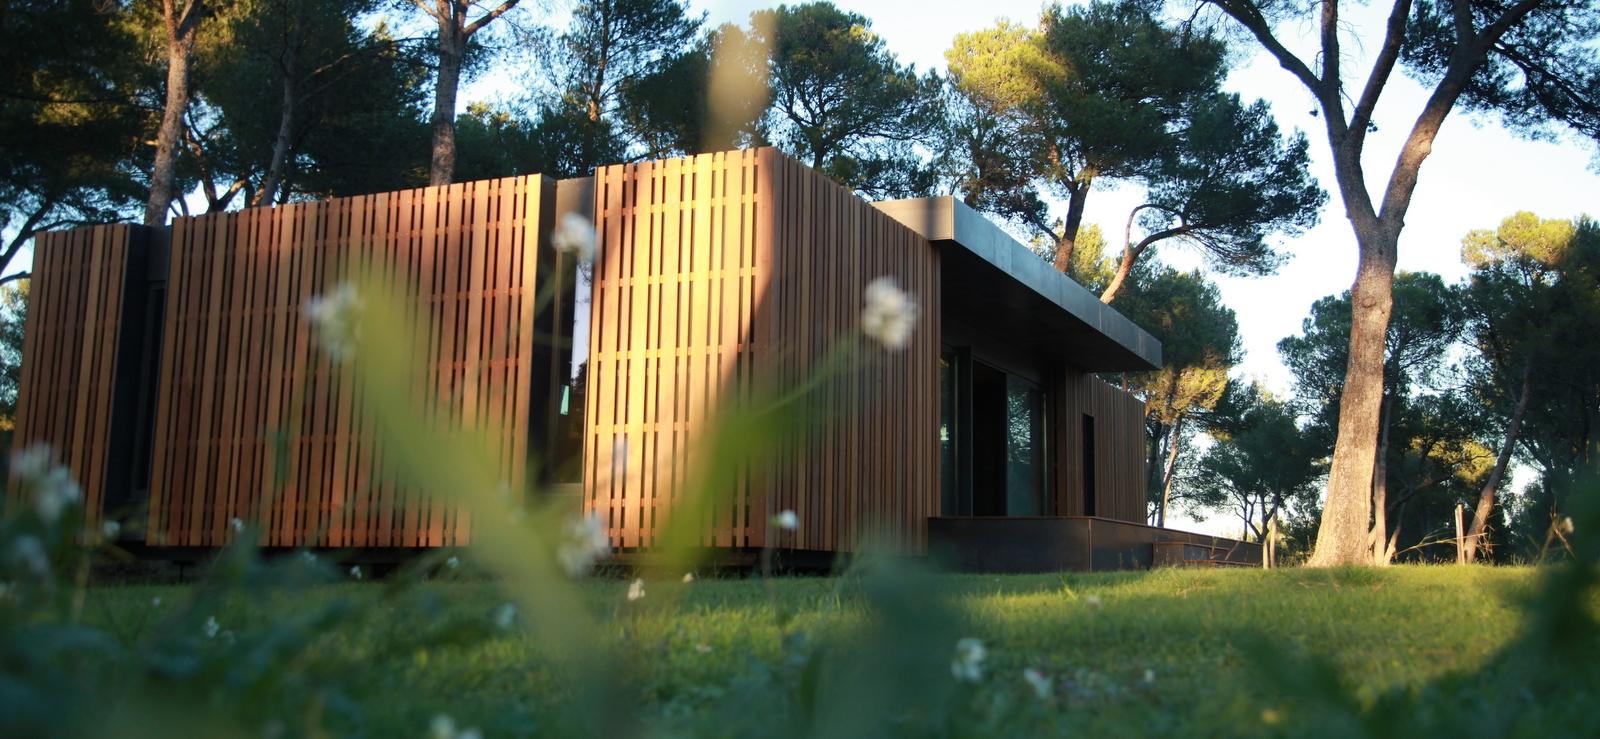 Maison 130 m2 Aix-en-Provence - PopUp House